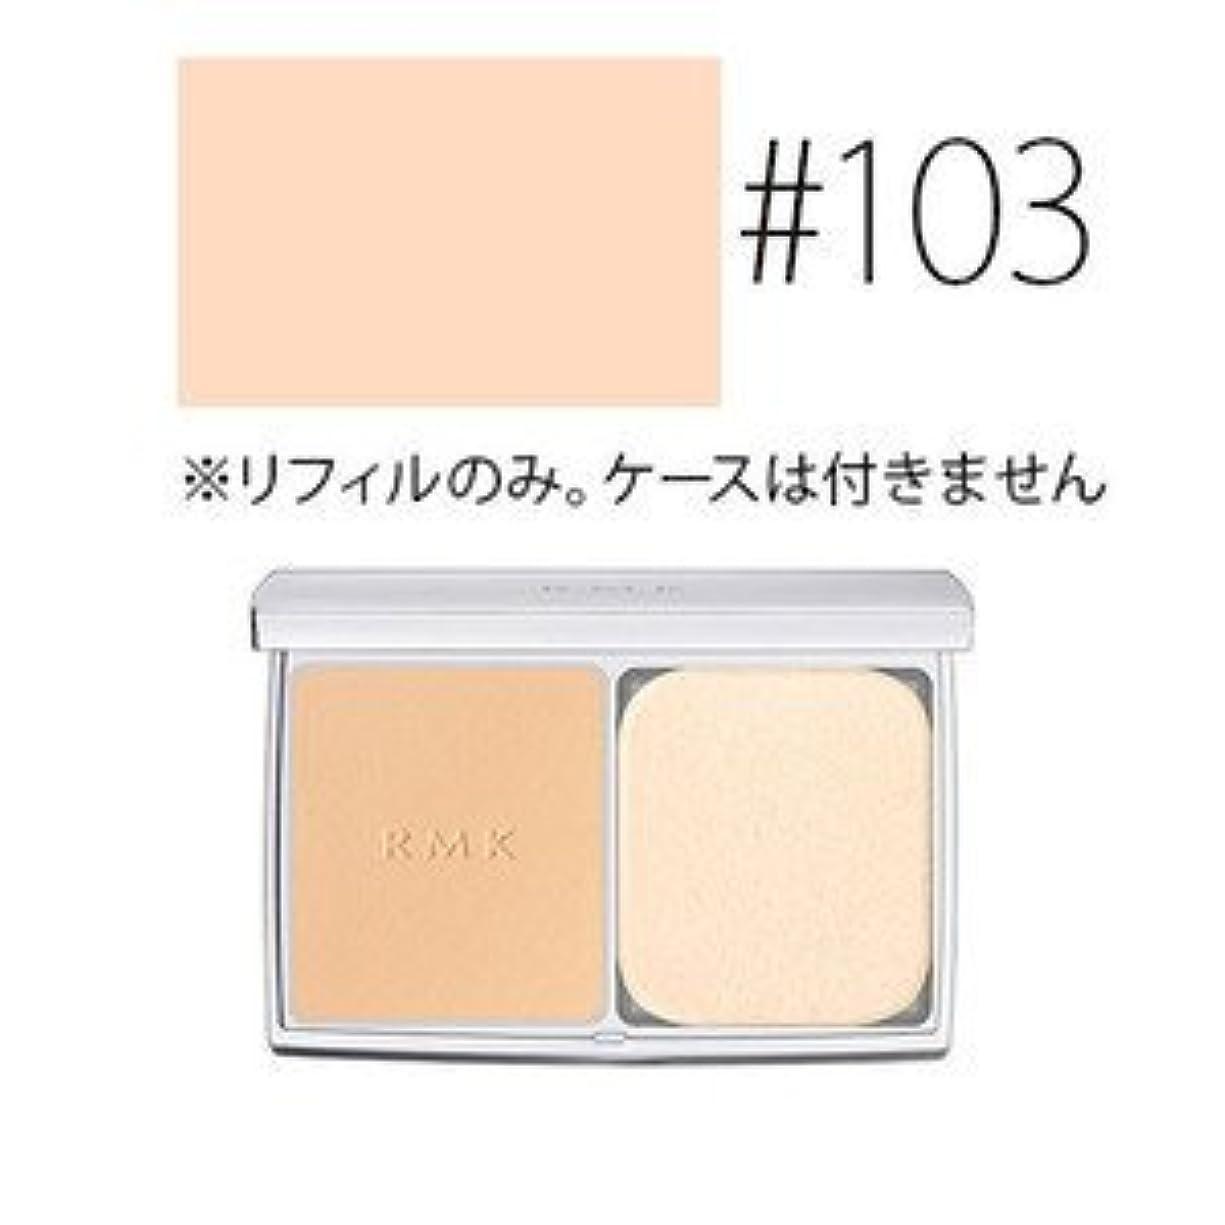 途方もない砂意識【RMK (ルミコ)】UVパウダーファンデーション (レフィル) #103L 11g